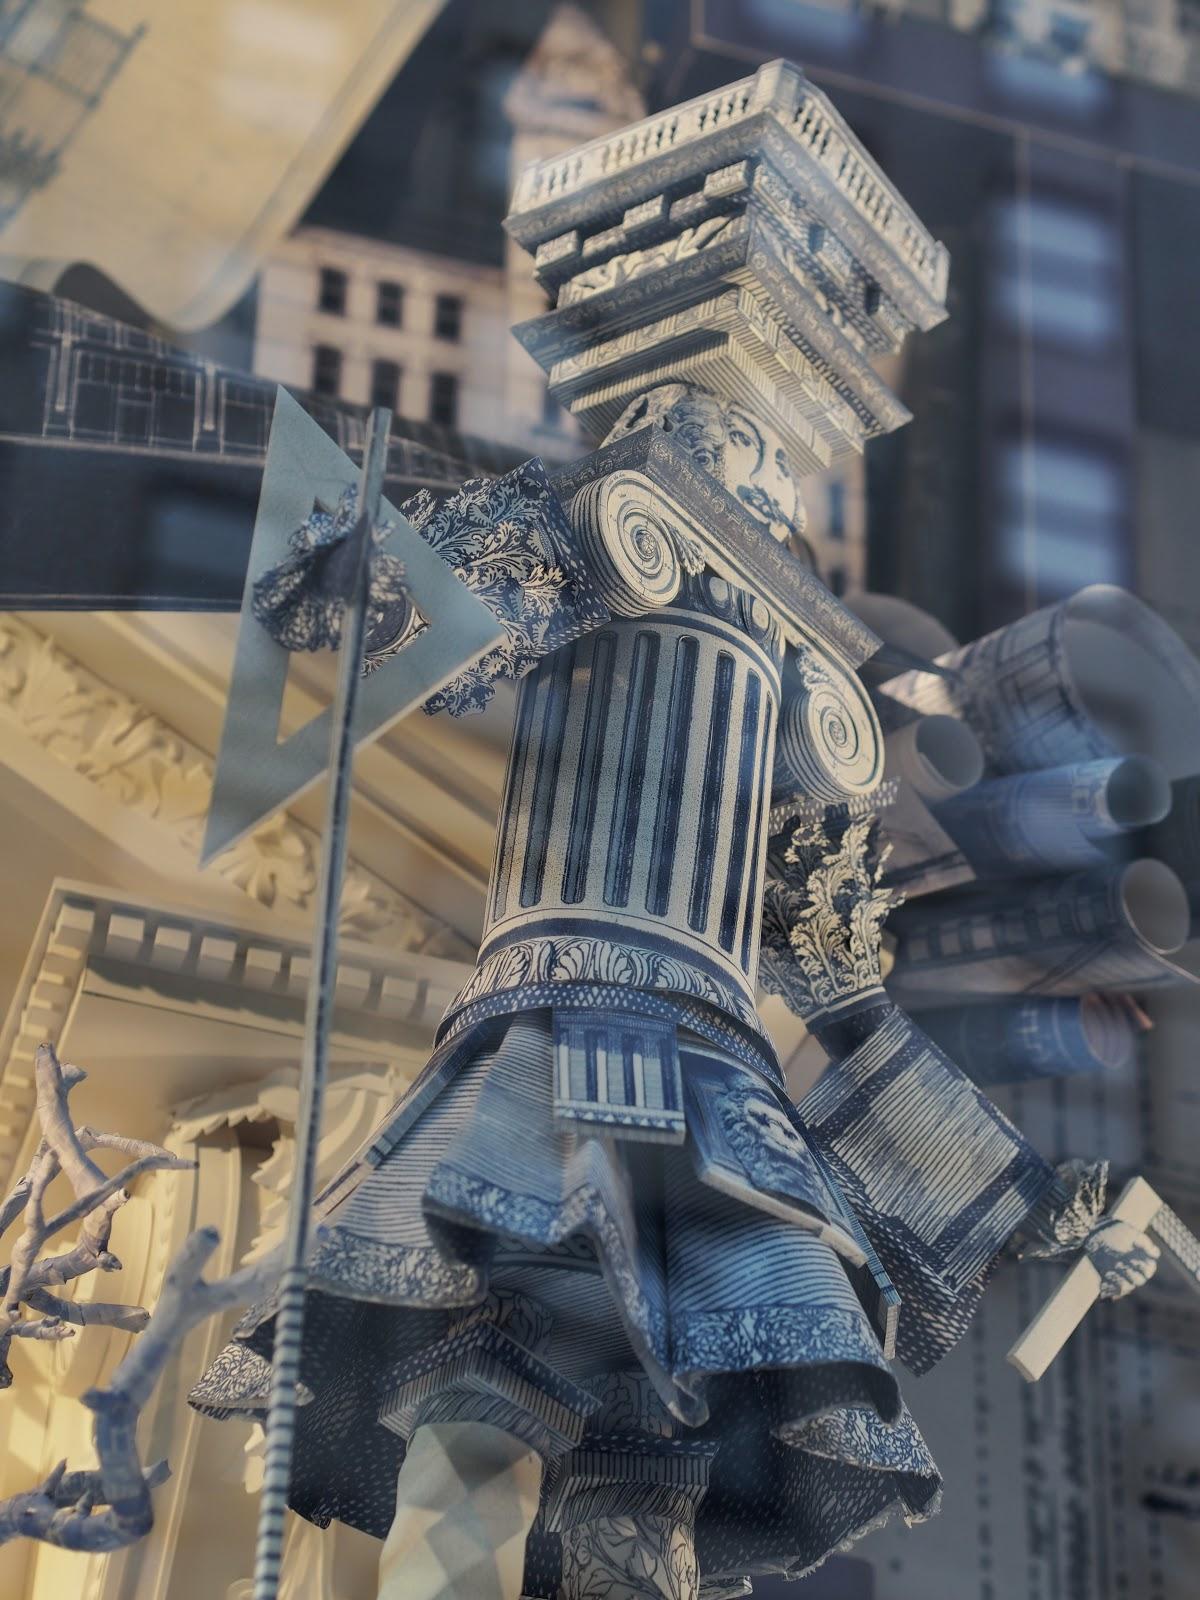 Details Matter #DetailsMatter #bgwindows #5thavenuewindows #holidaysinNYC #besttimeoftheyear  ©2014 Nancy Lundebjerg